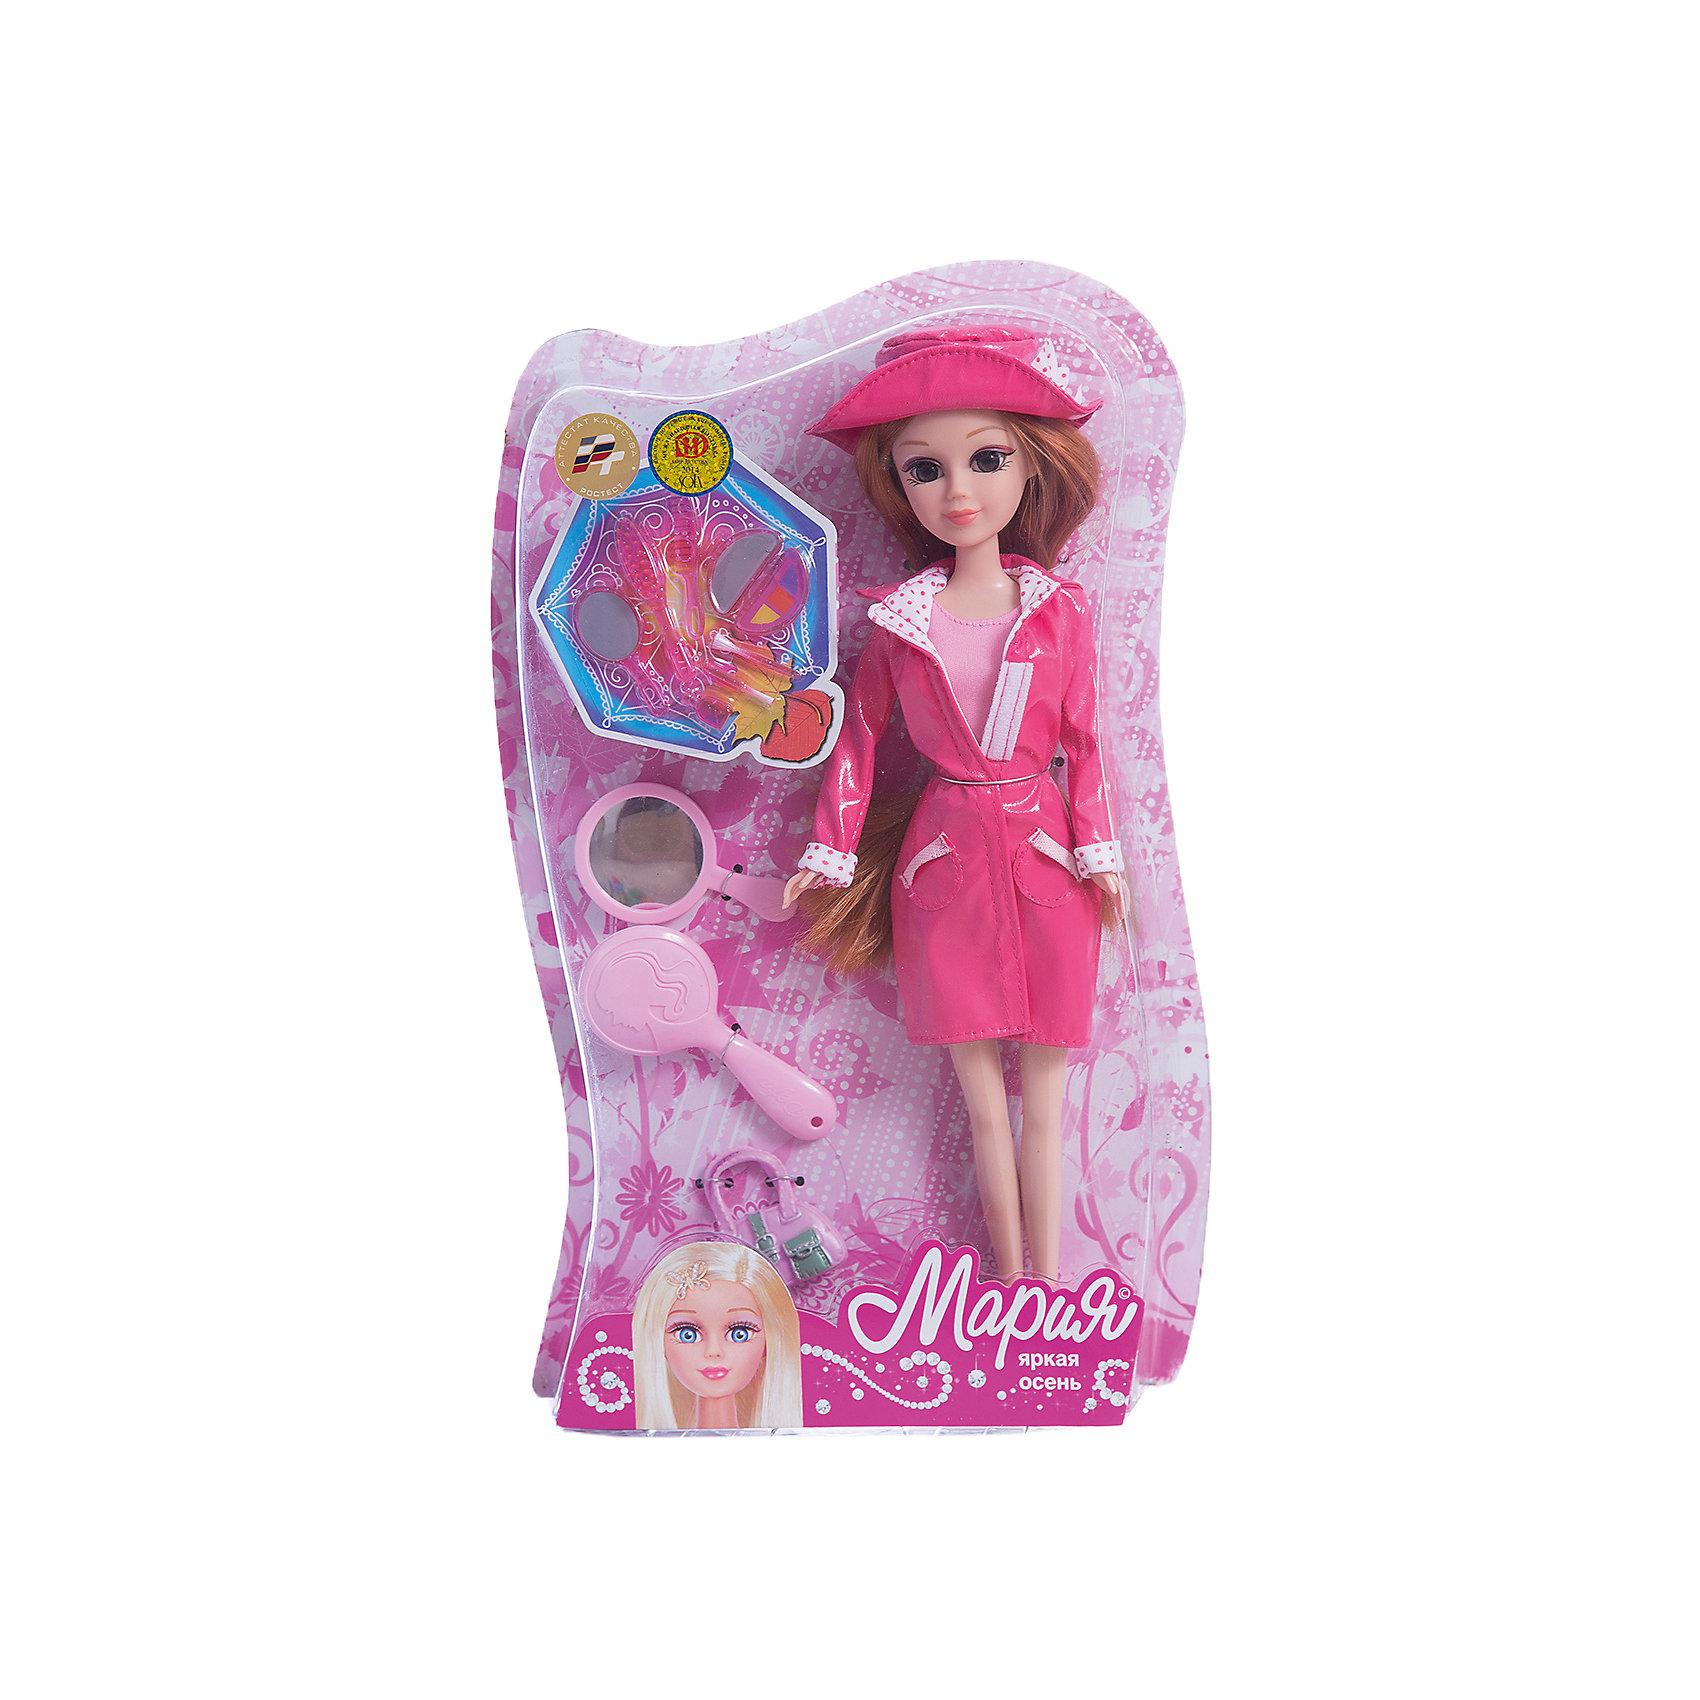 Кукла Мария 29 см Яркая осень, с аксессуарами, КарапузКуклы<br>Кукла Яркая осень Мария одета в стильную одежду сезона осень-весна, обута в розовые сапожки, на голове у нее розовая шляпа, а также имеет в комплекте несколько модных аксессуаров. Две яркие отличительные особенности этой куклы — шикарные волосы и огромные глаза. Одежду с Марии можно снять, ножки, руки и голова куклы подвижны.<br><br>Ширина мм: 39<br>Глубина мм: 70<br>Высота мм: 47<br>Вес г: 380<br>Возраст от месяцев: 36<br>Возраст до месяцев: 60<br>Пол: Женский<br>Возраст: Детский<br>SKU: 6863987